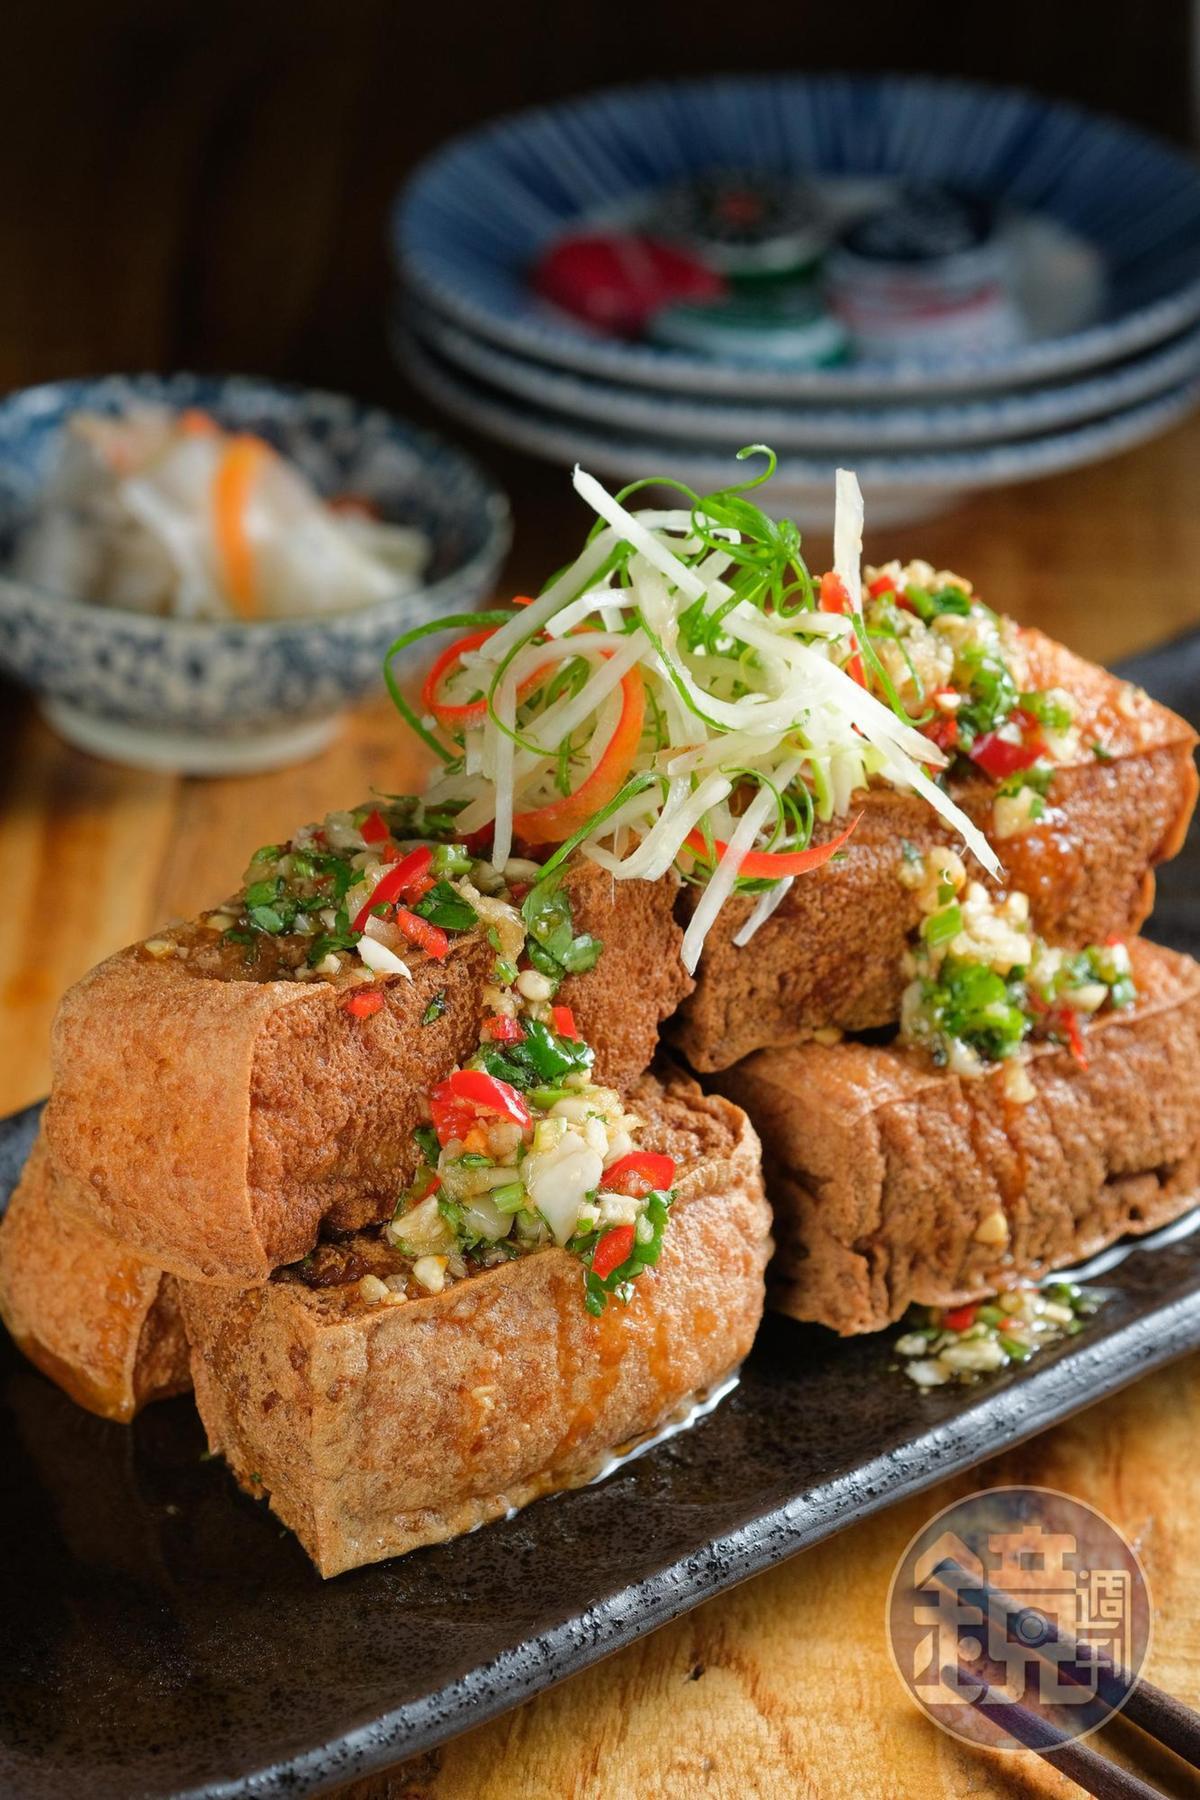 「吃老板豆腐」是炸油豆腐淋上新鮮辣椒混合蒜頭的醬汁,搭自製台式泡菜,非常對味。(160元/份)